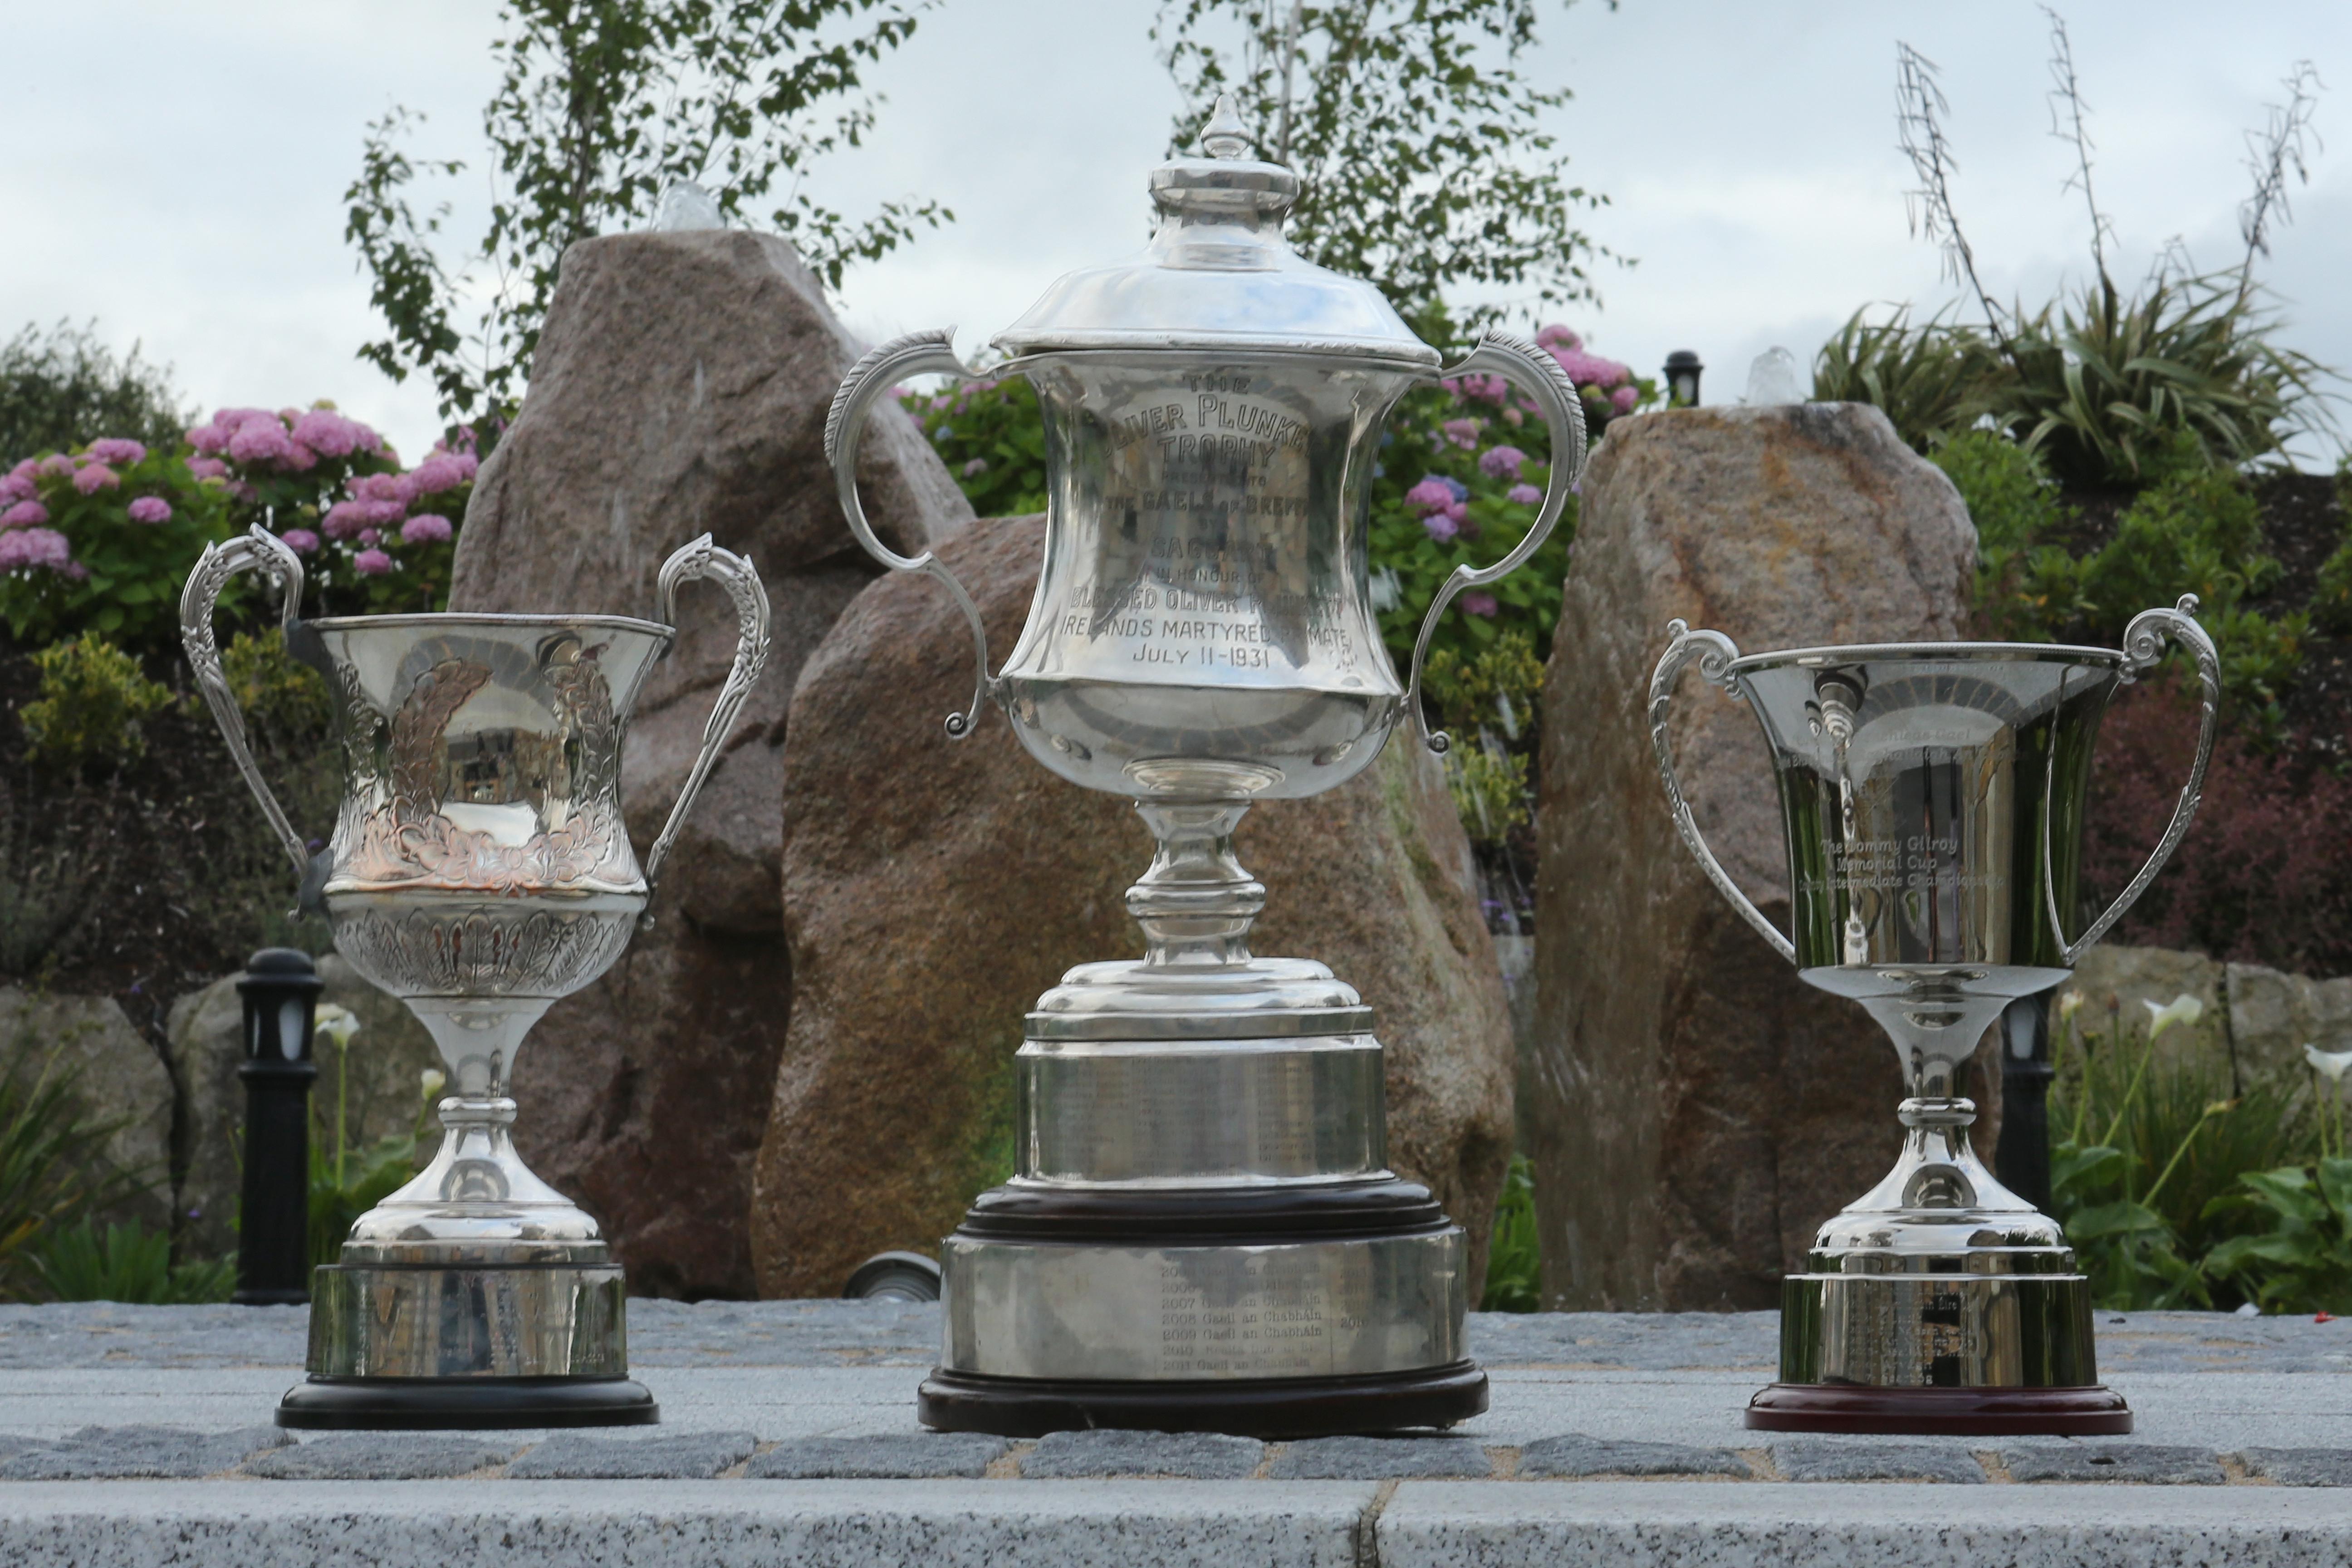 Club Championship Qtr Final Placings